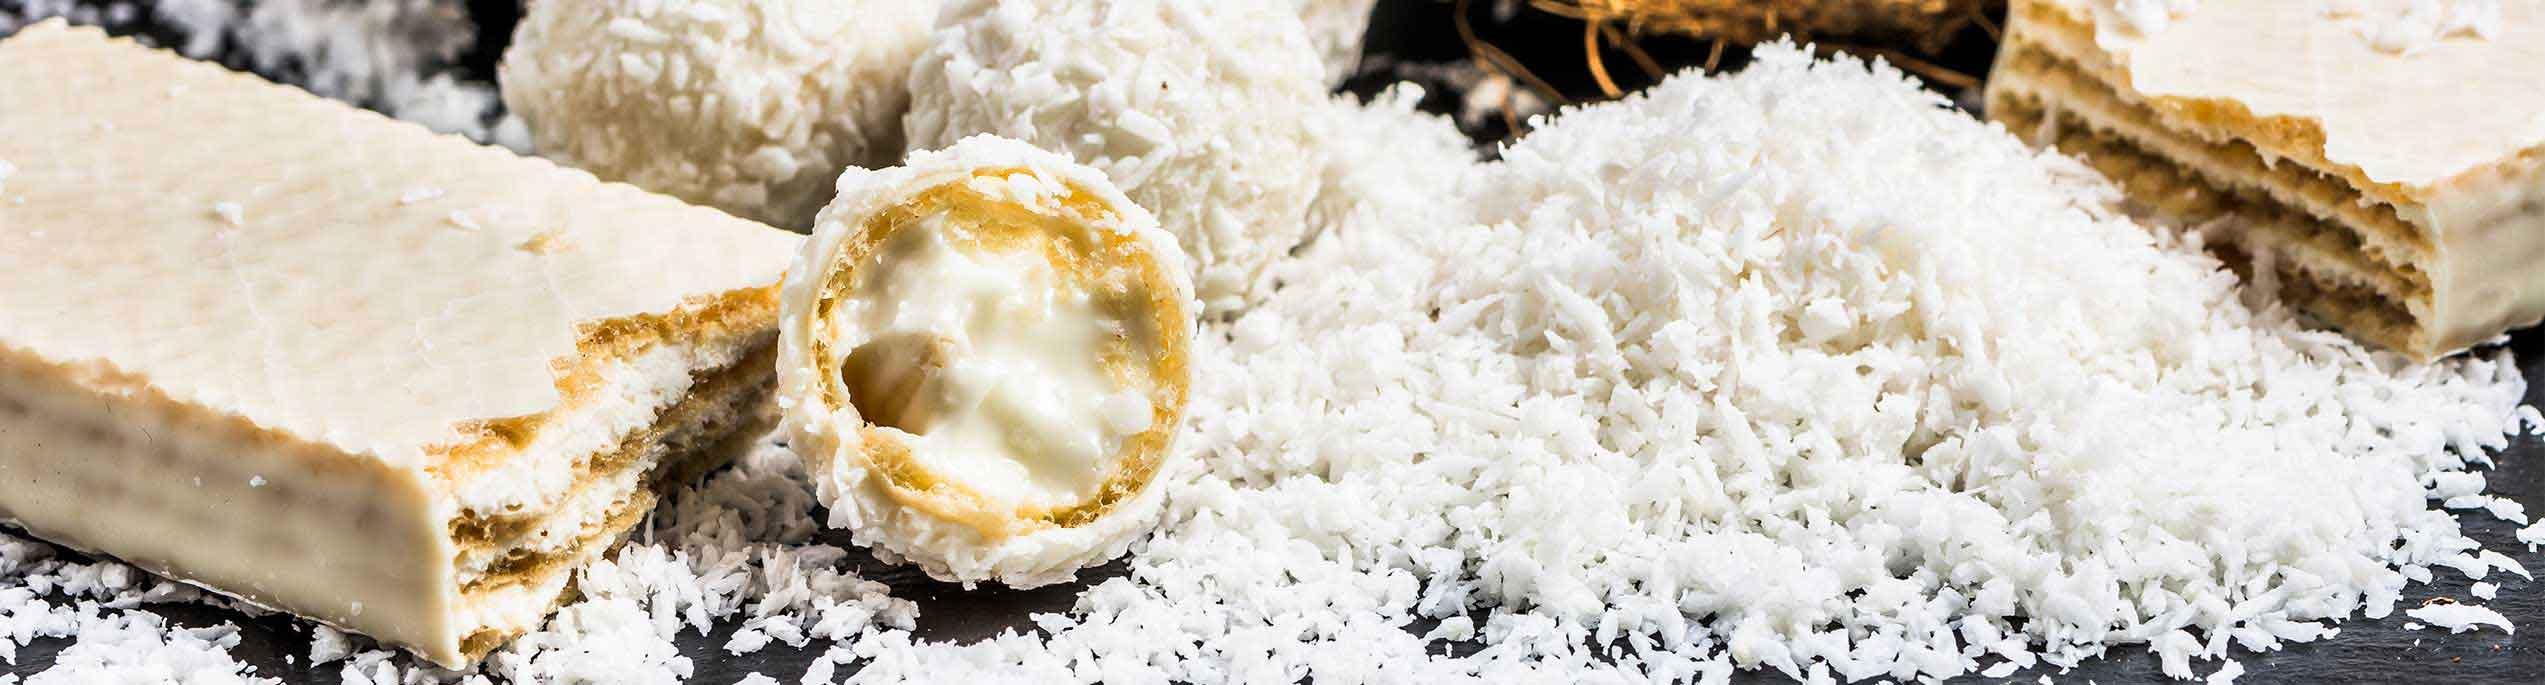 Sternchemie – Kokosnussmilchpulver: köstliche und cremige Waffelfüllungen